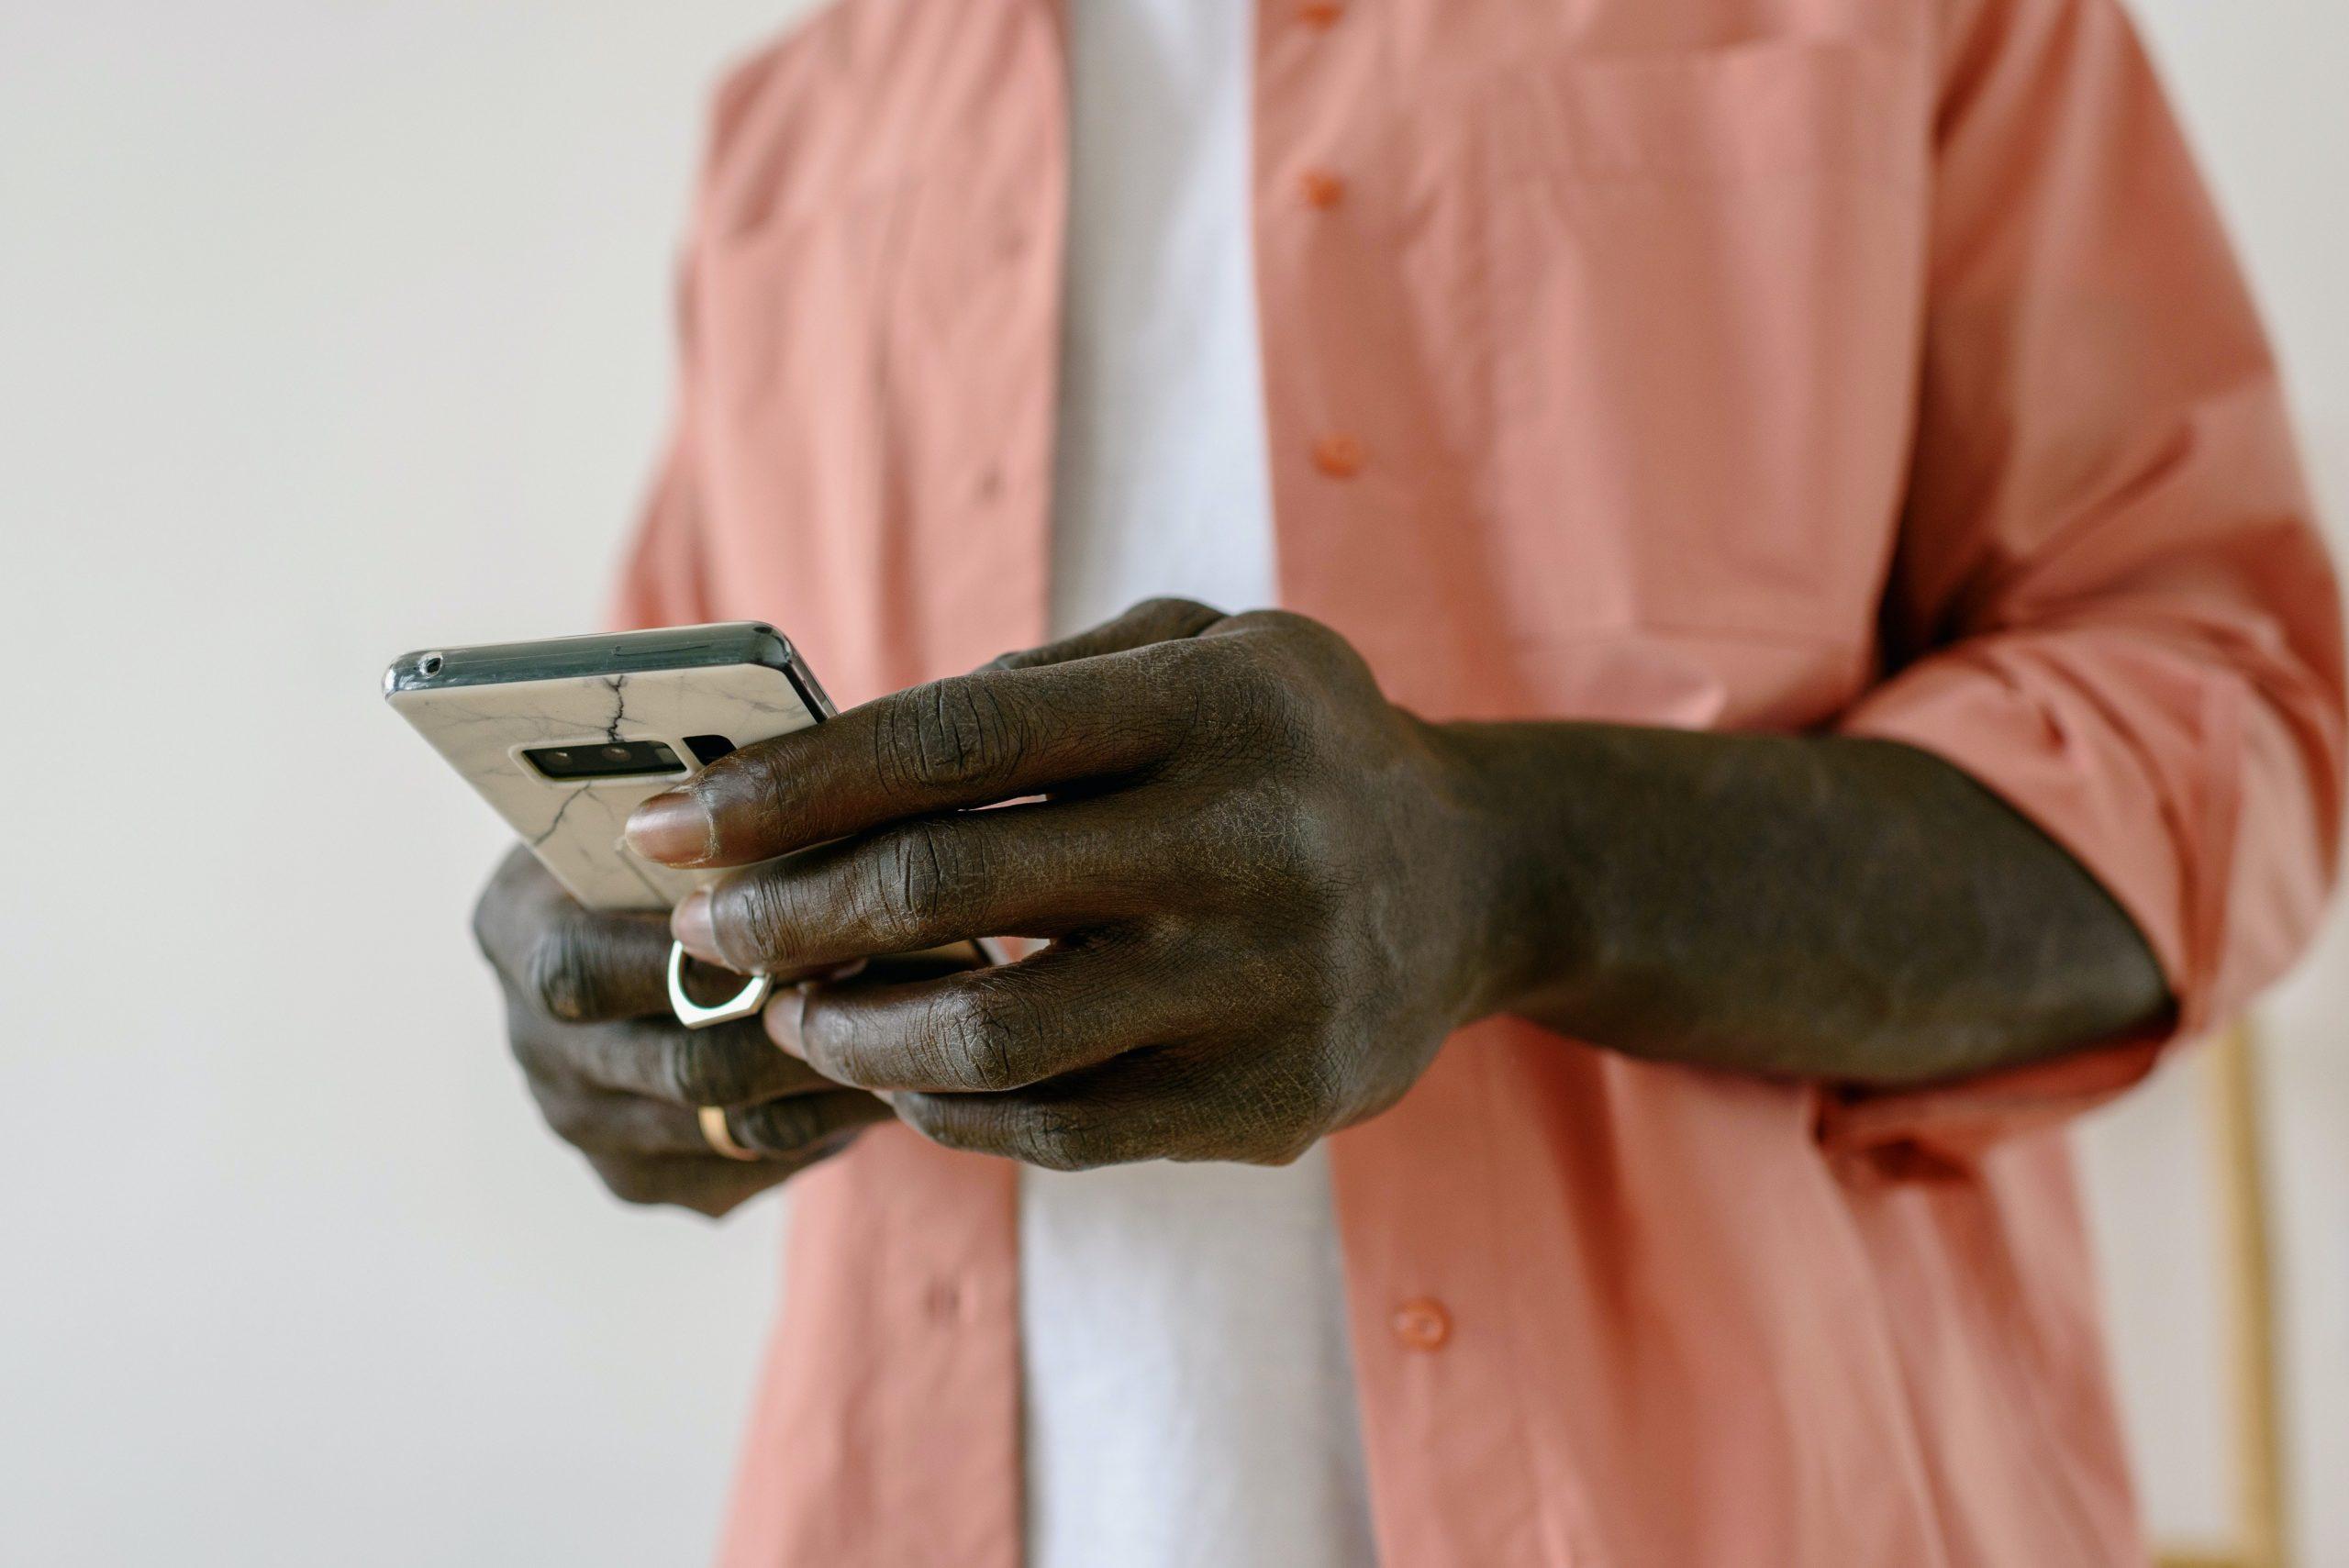 Imagem mostra um homem segurando um smartphone.